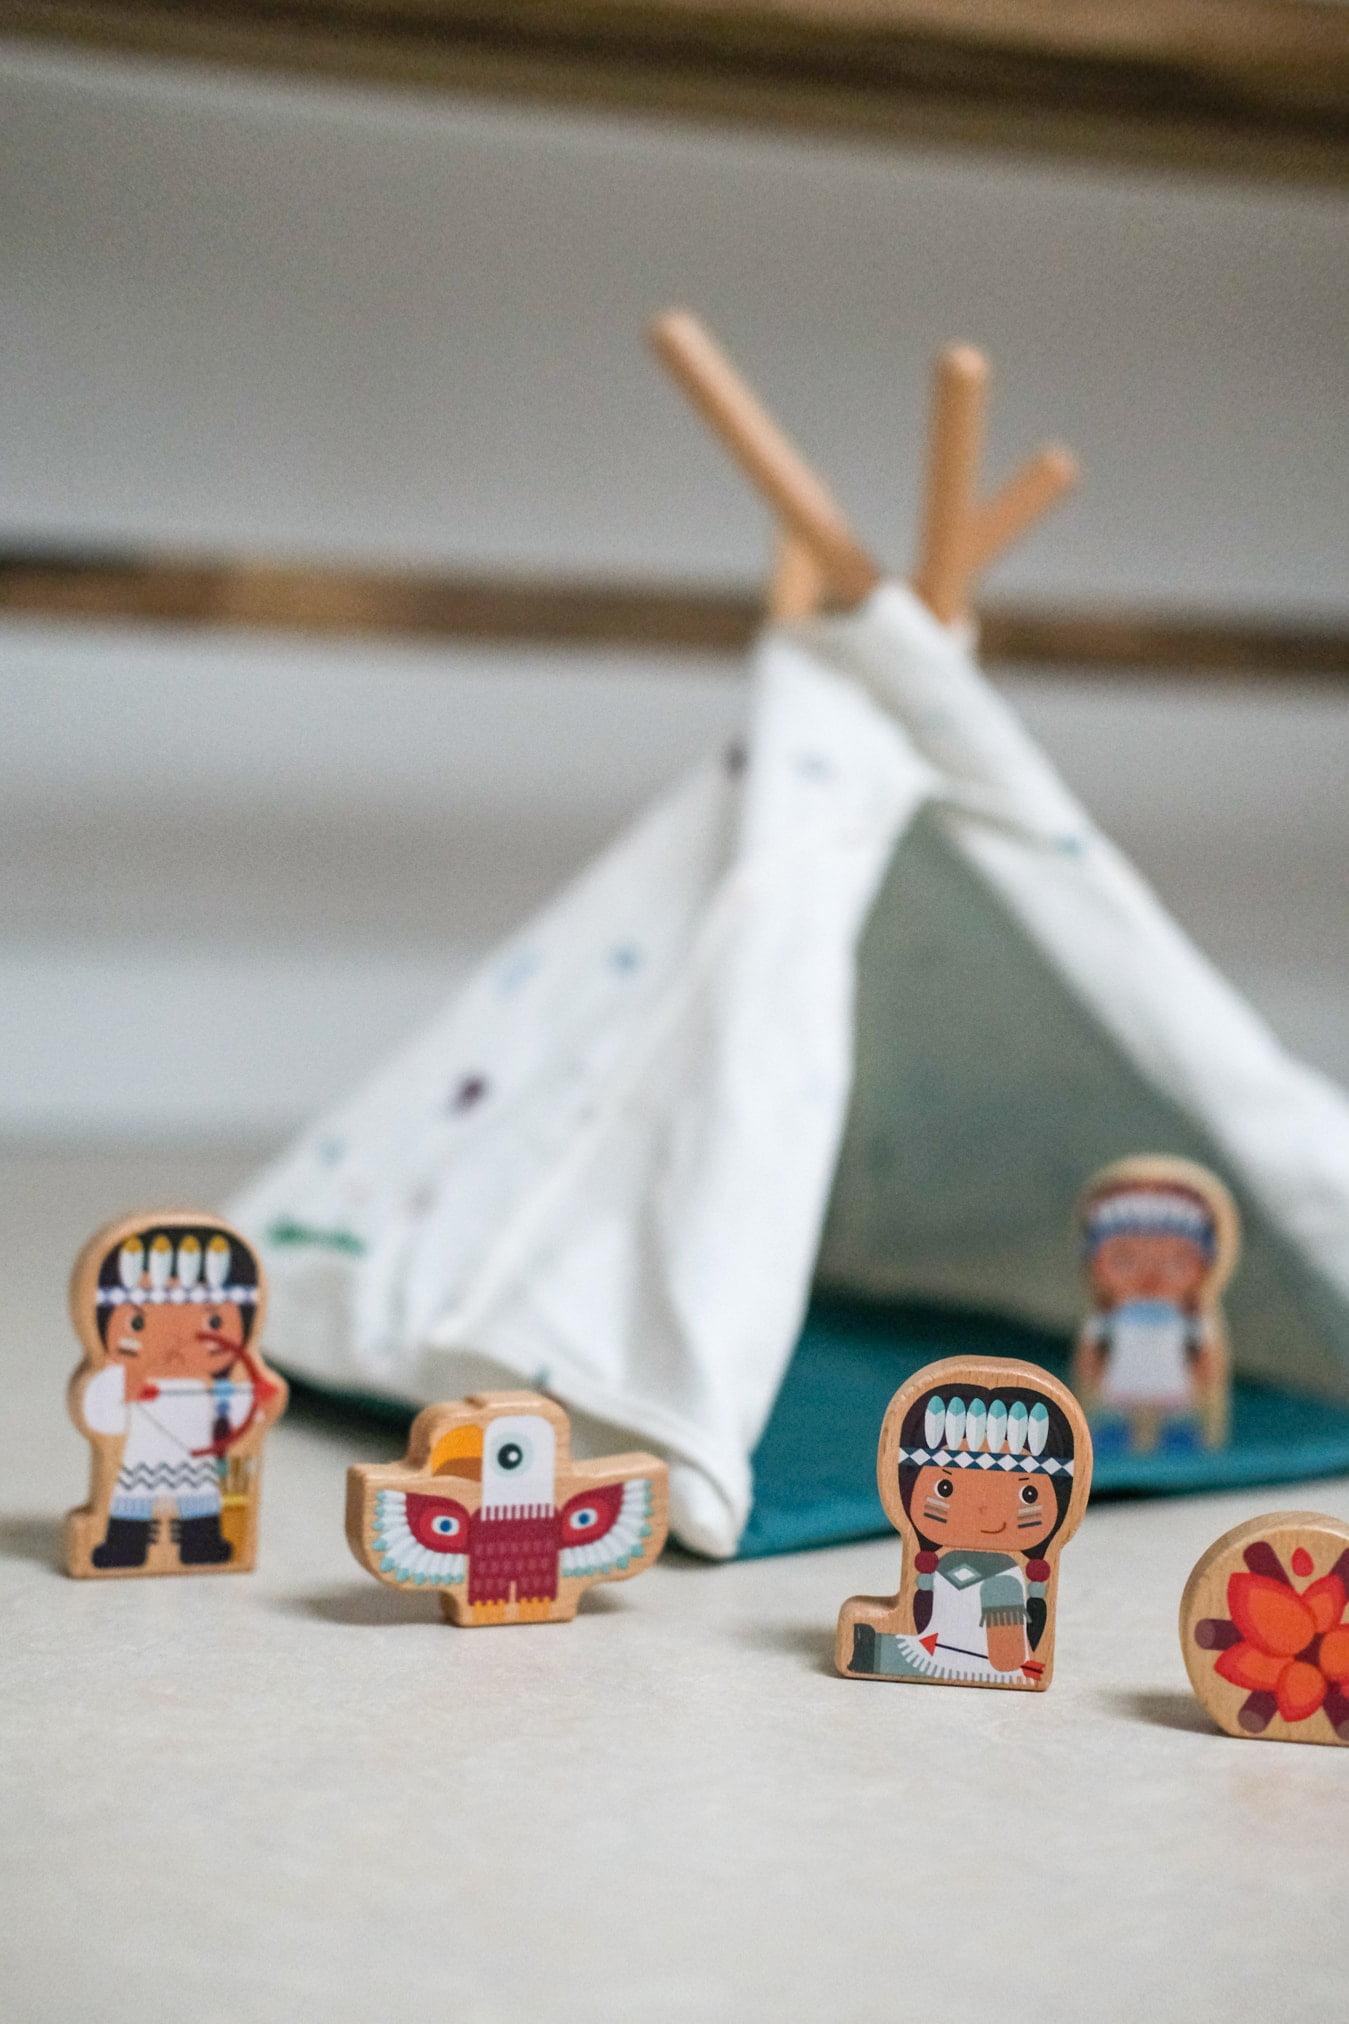 houten speelfiguren lilliputiens